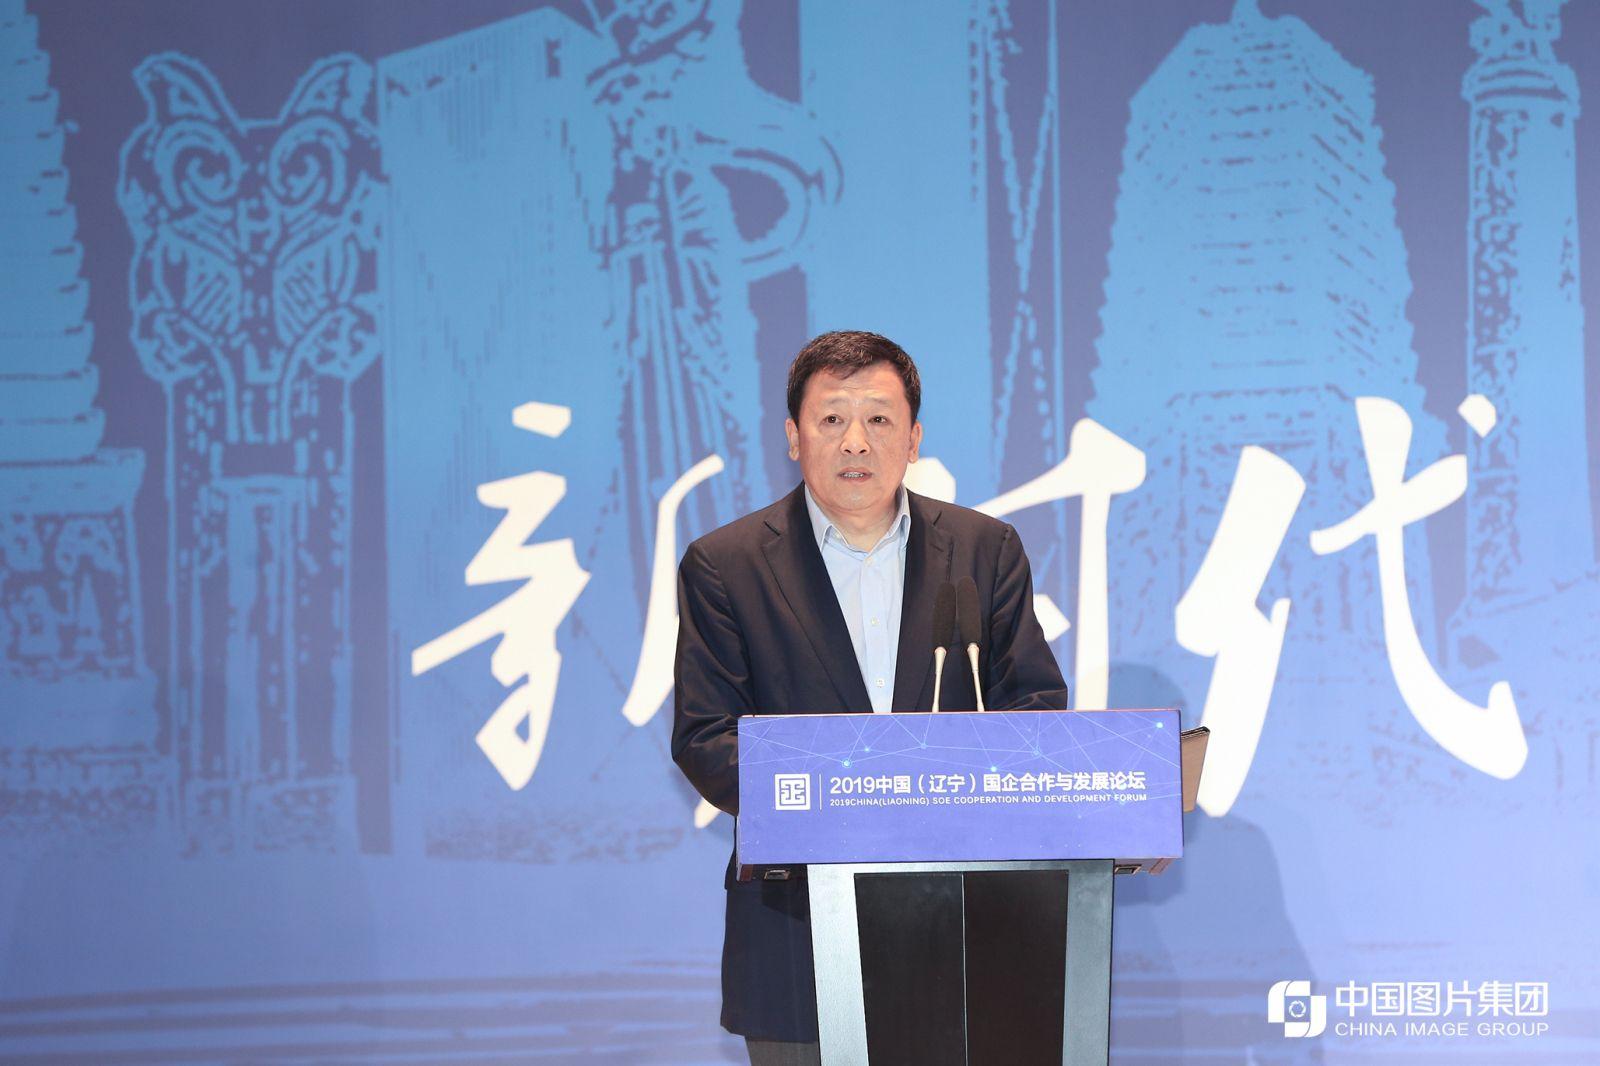 辽宁省人民政府副省长崔枫林致辞。